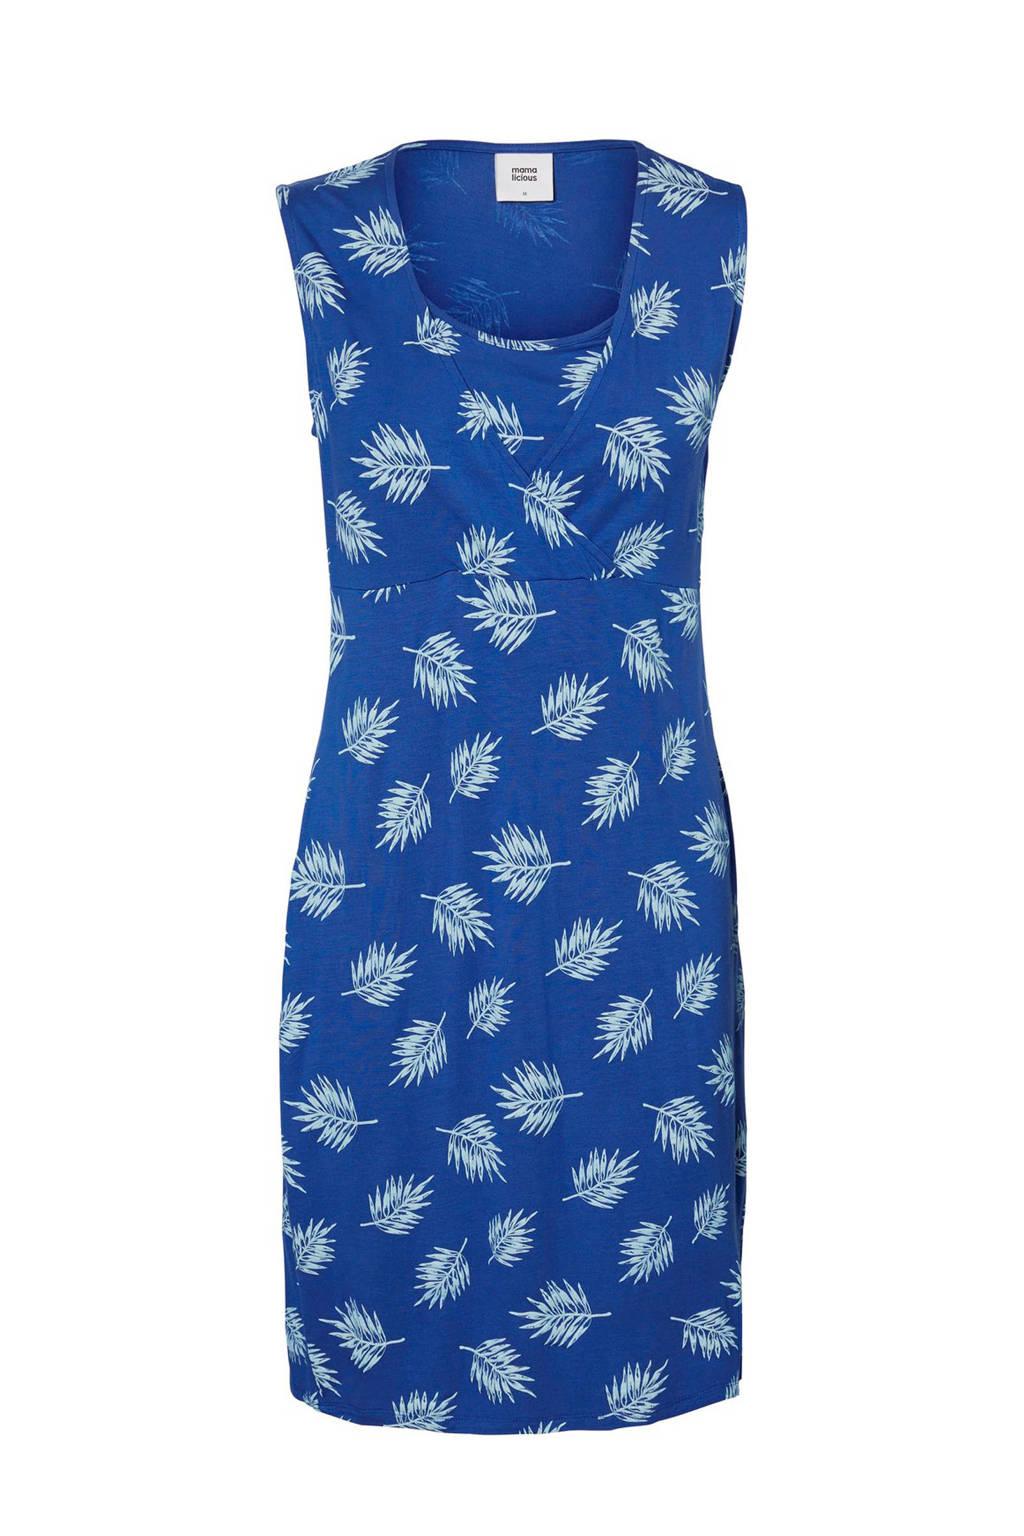 MAMA-LICIOUS zwangerschaps- en voedingsjurk Tropical Tess blauw, blauw/ wit